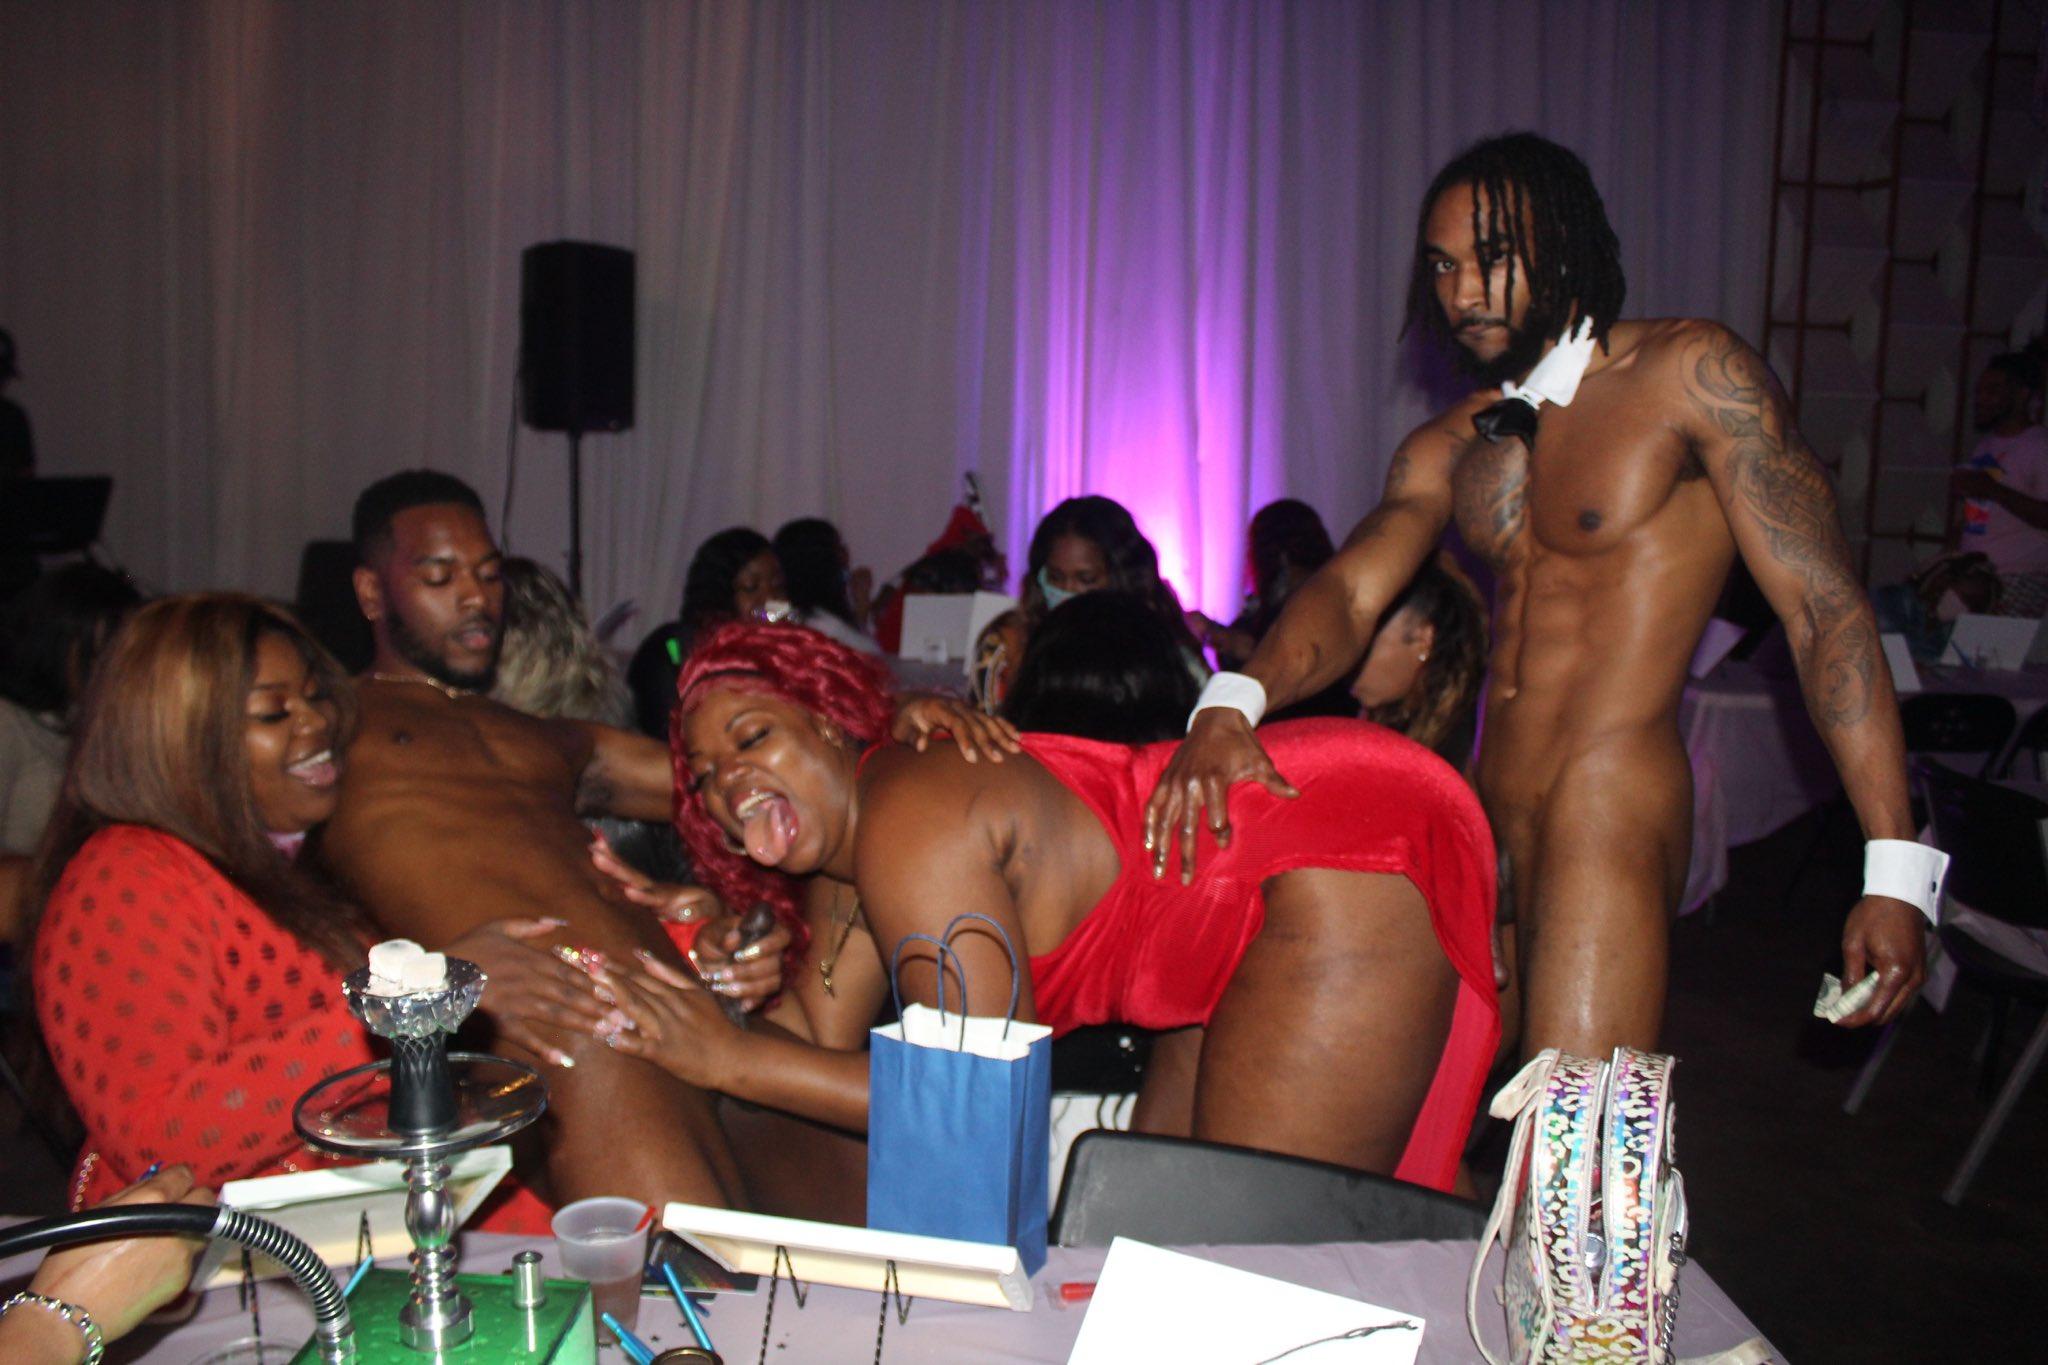 follando stripper a los clientes